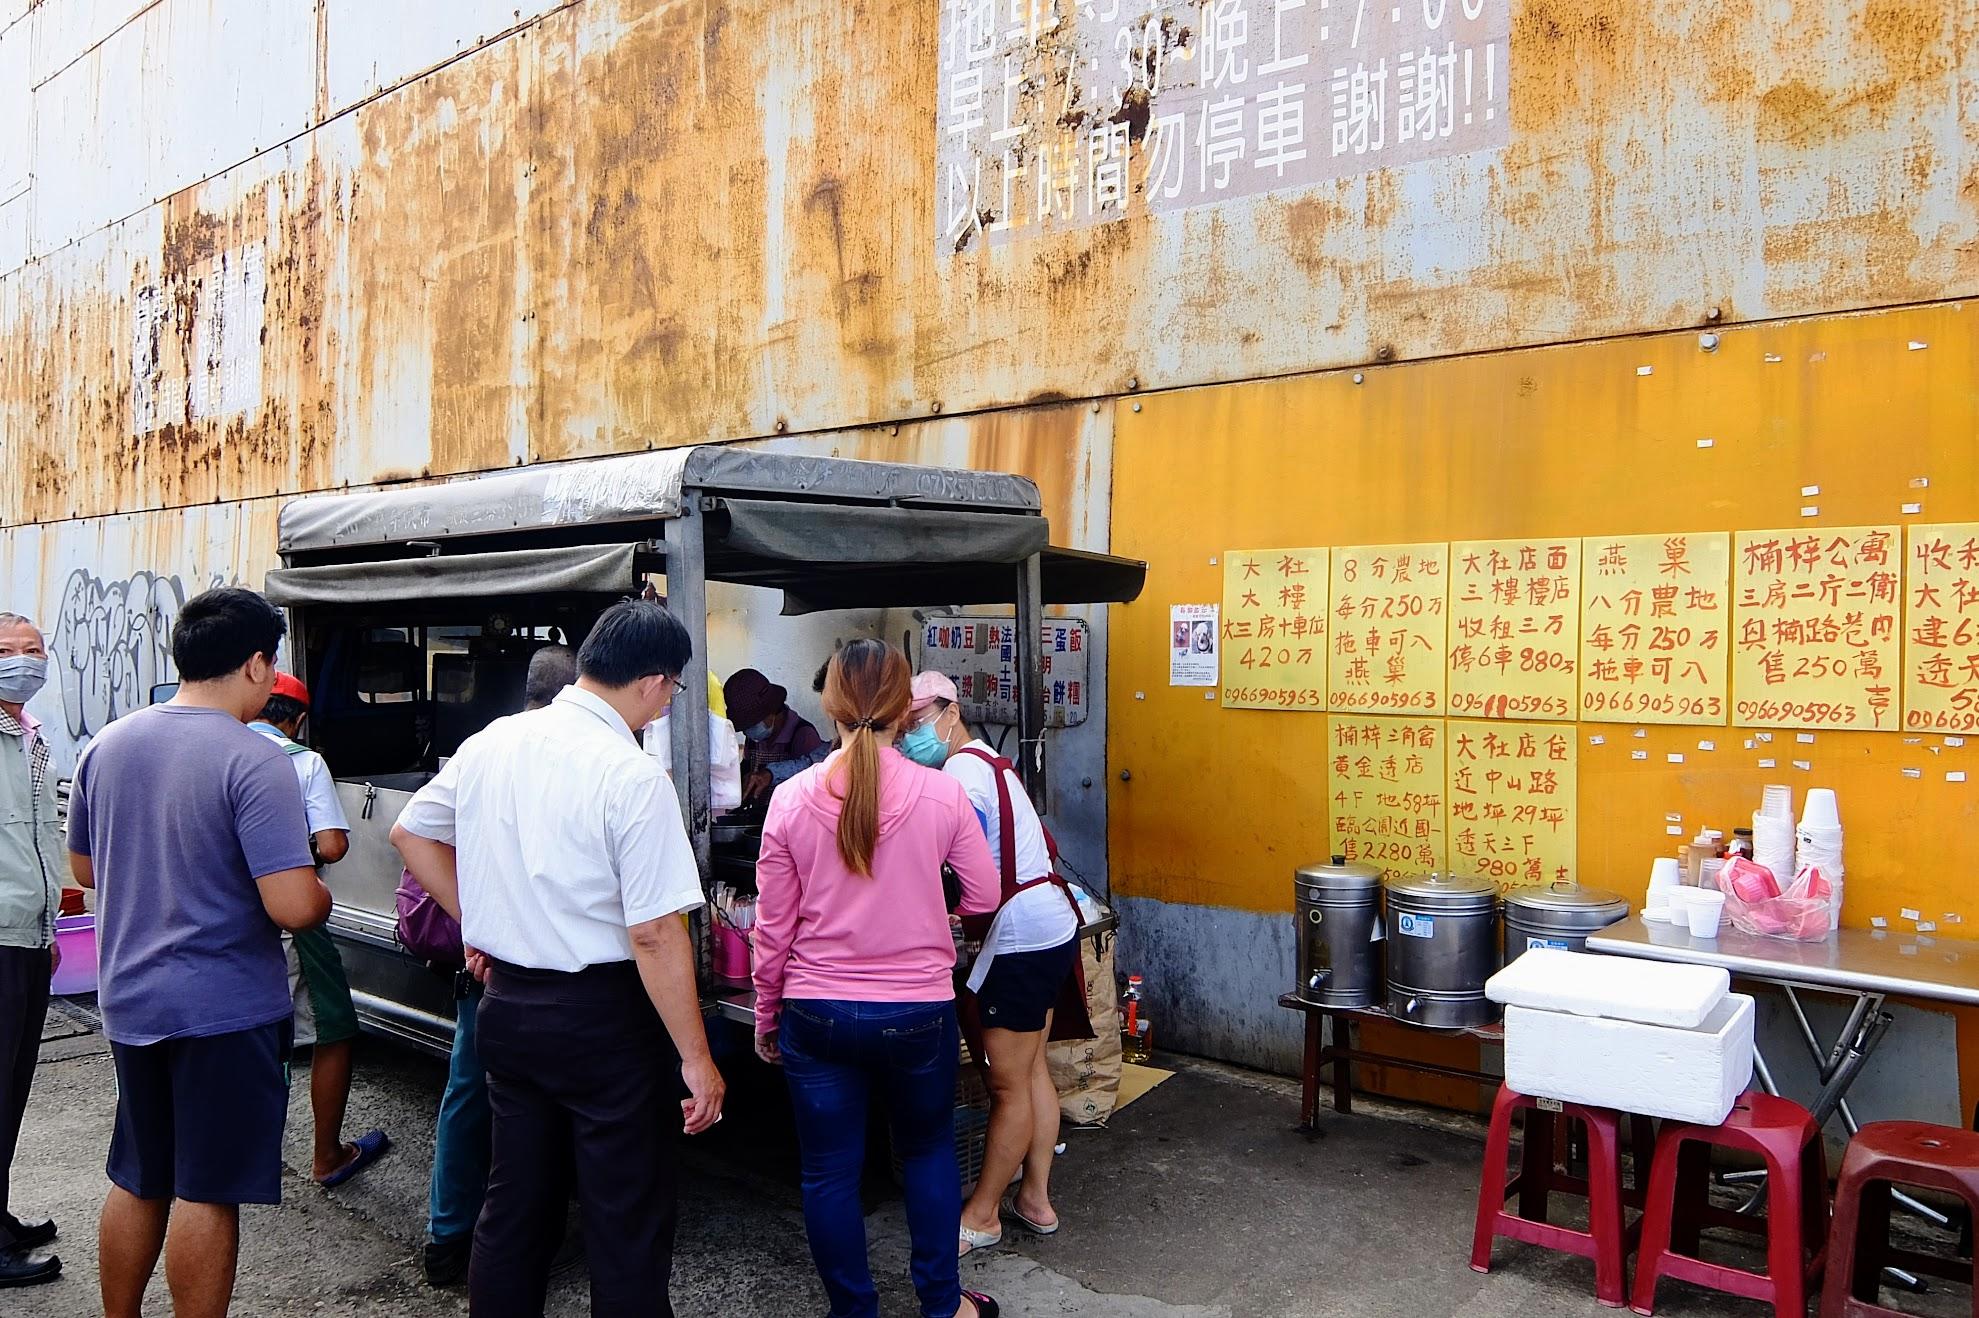 就在旗楠路邊,萬金巷(萬金路)交叉入口,早上時間有一家餐車啊! 很多人來買!